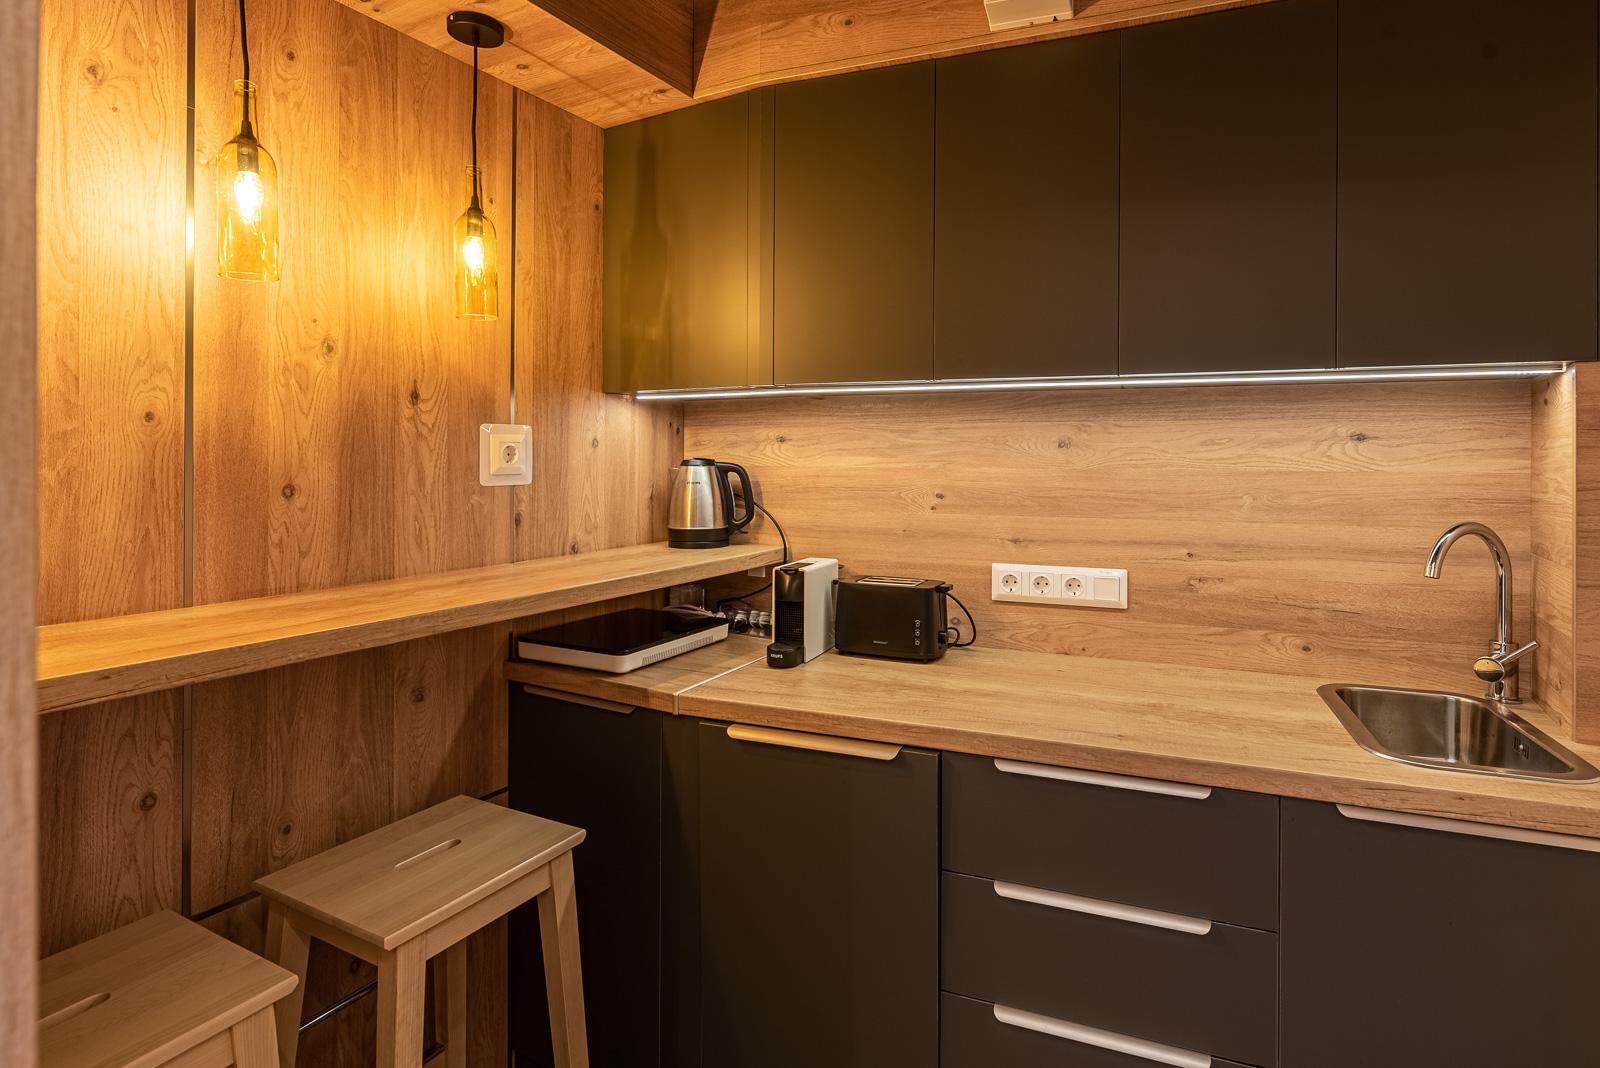 Fogorvosi rendelő konyha - loft stílusban, király tölgy és barna színekben.